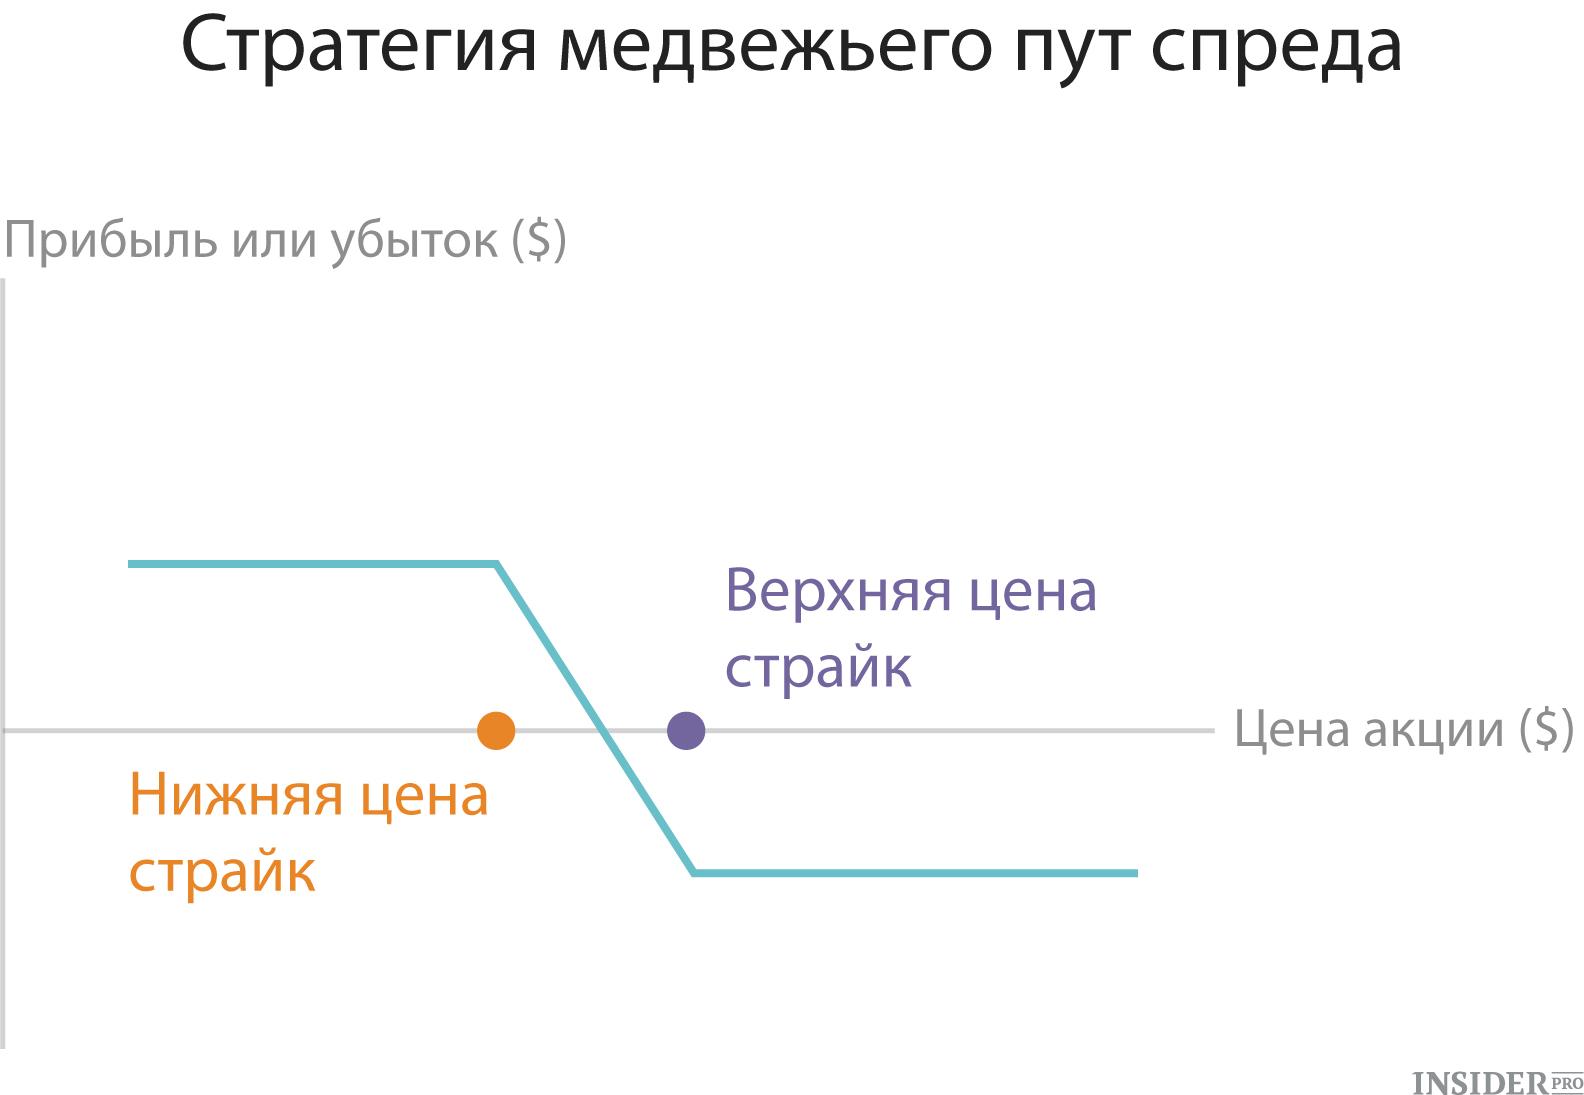 Forex tirdzniecības stratēģijas / binārās iespējas (pilns saraksts) | Pārskats